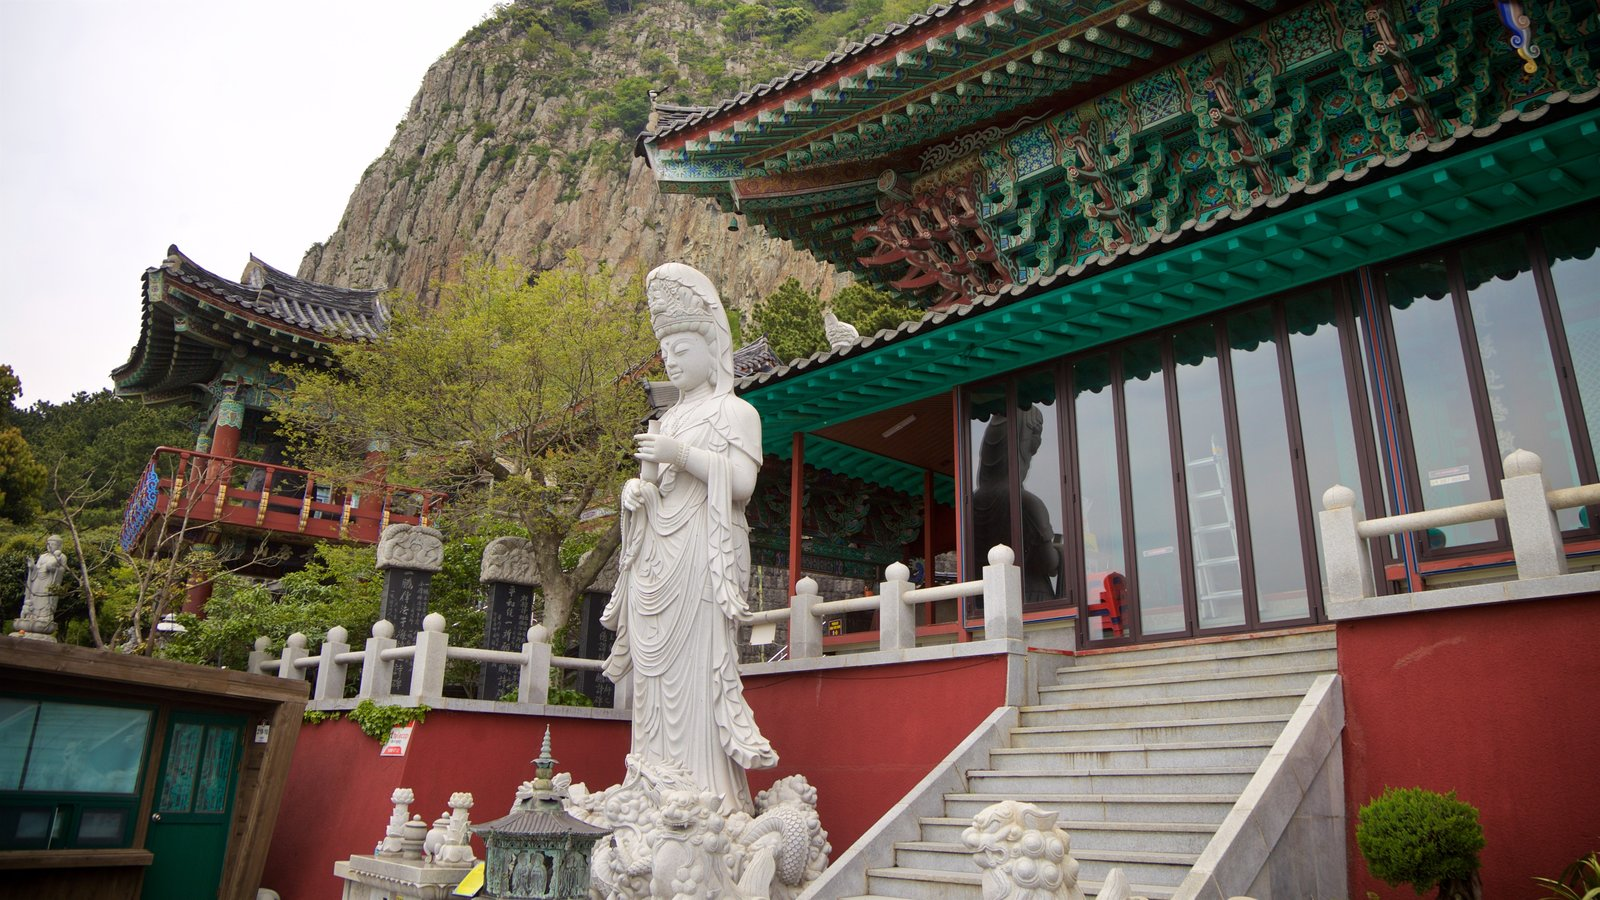 Montaña Sanbangsan mostrando una estatua o escultura y elementos del patrimonio